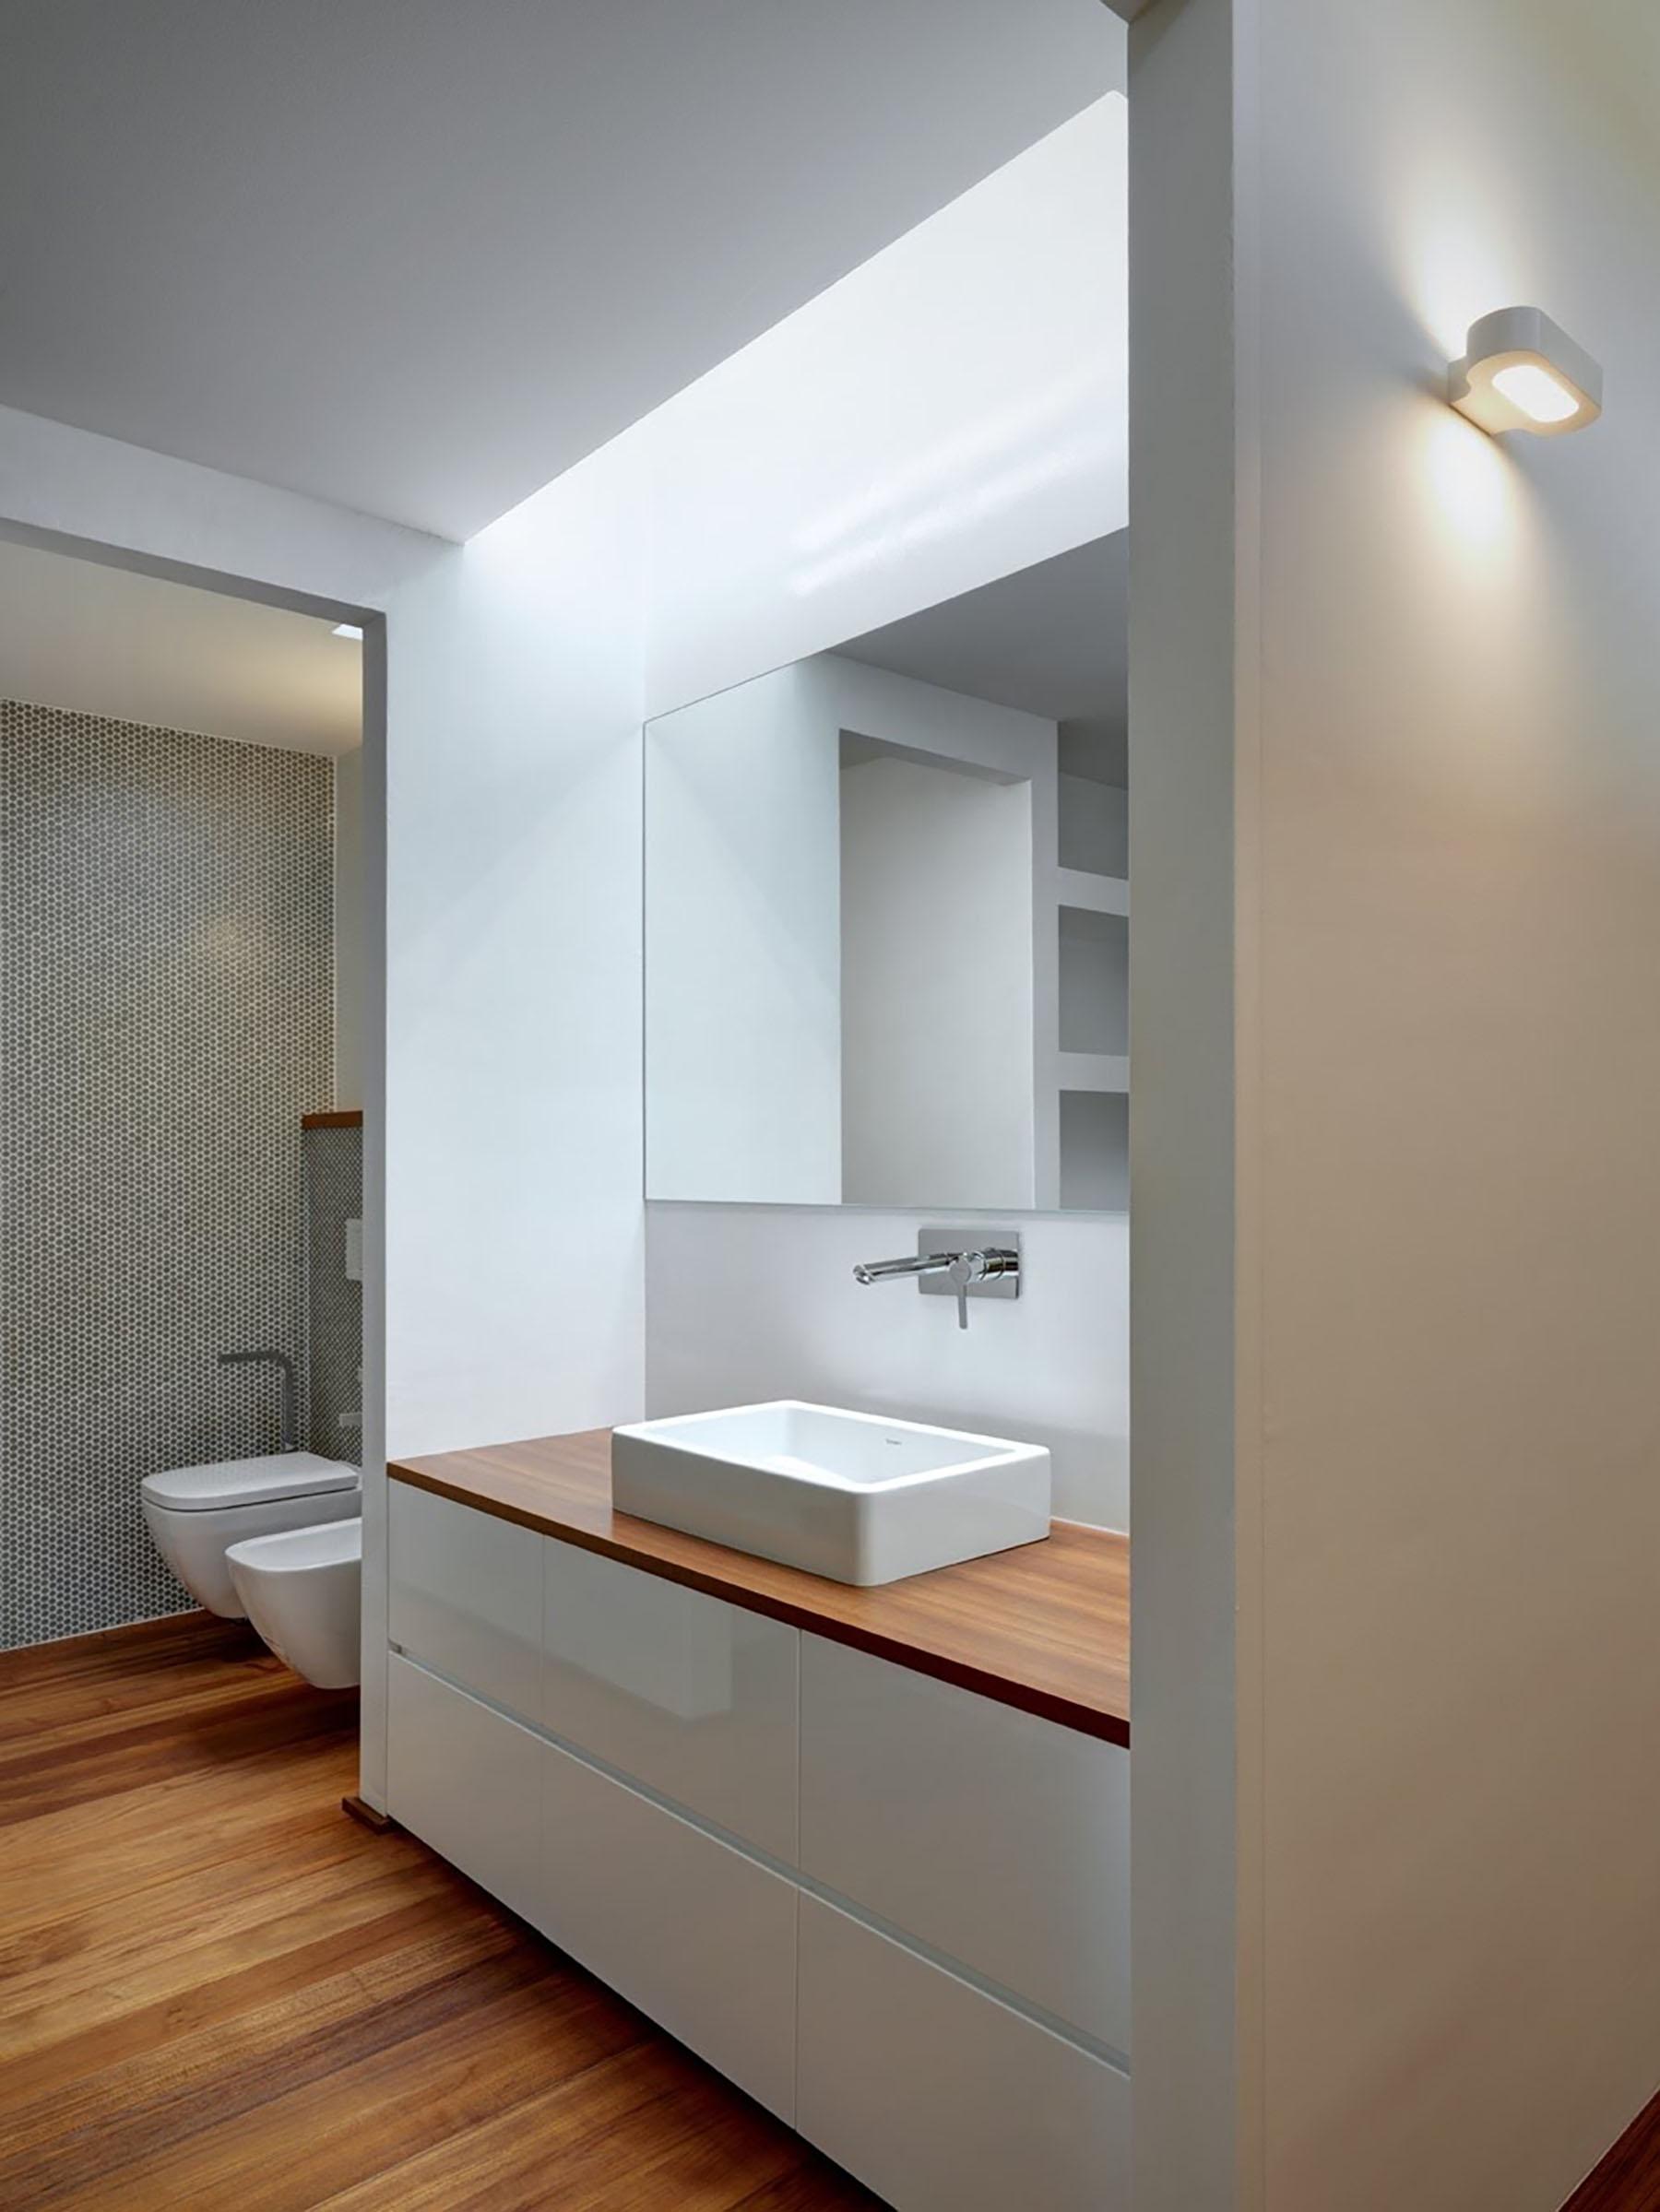 iGNANT-Architecture-Marco-Ortalli-Casa-Crb-019